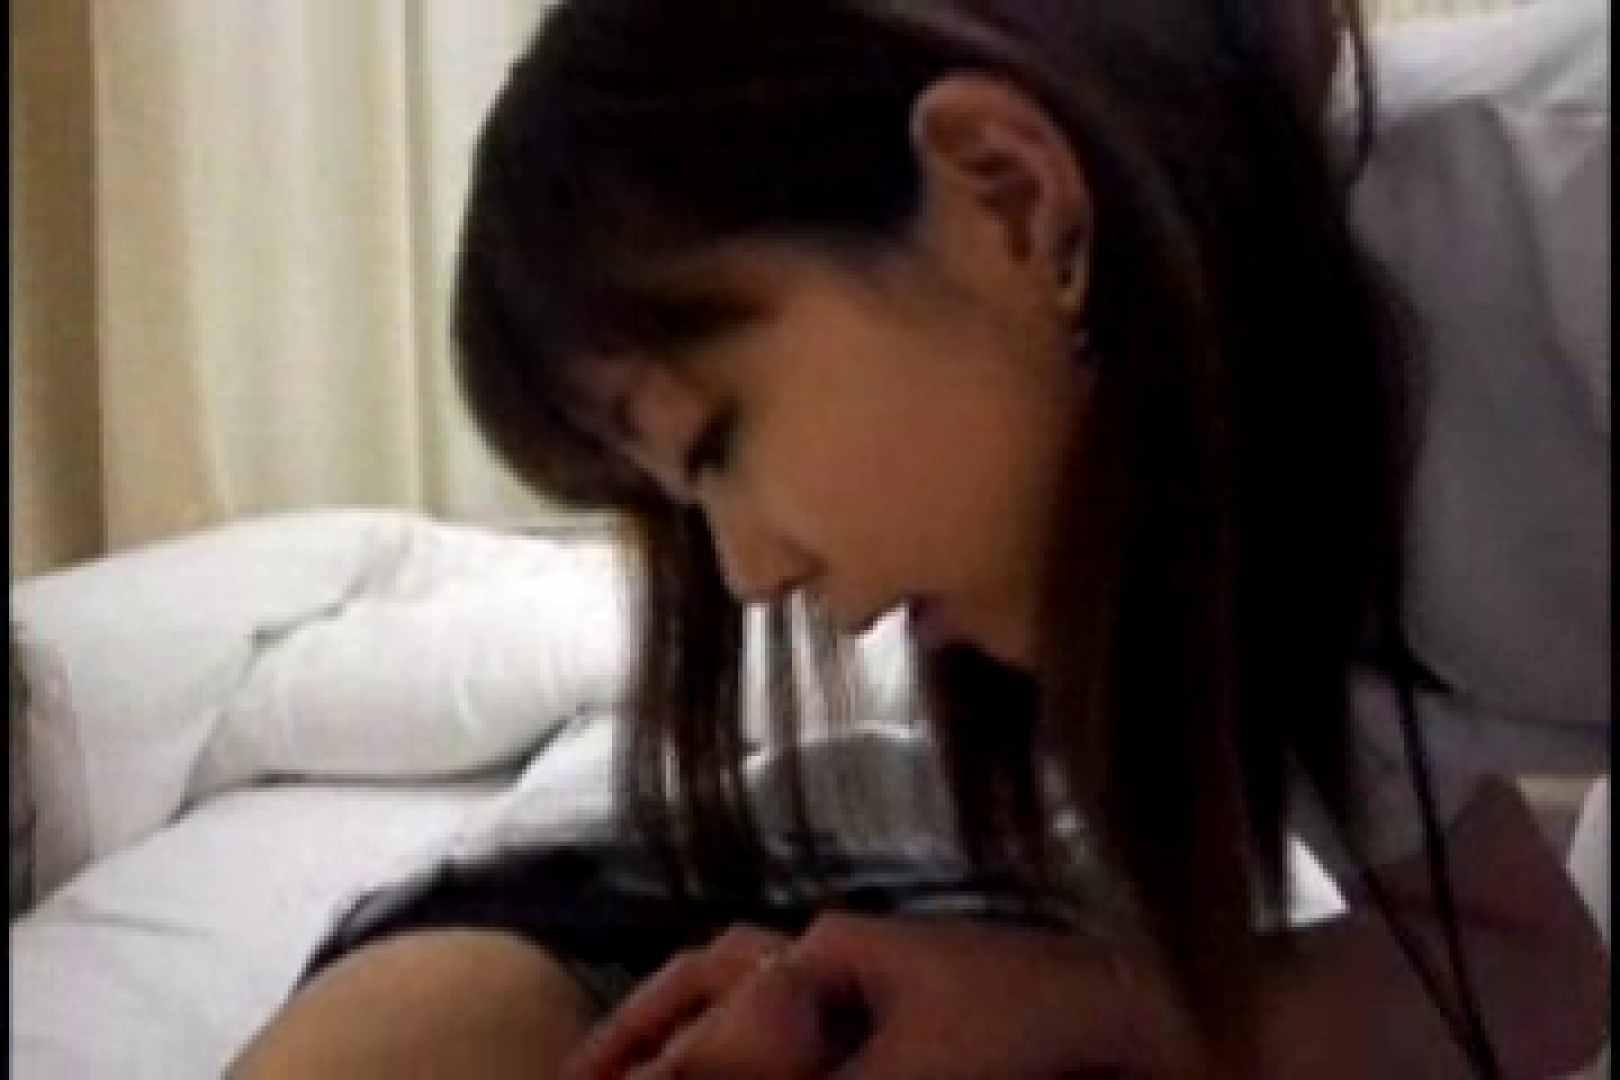 ヤリマンと呼ばれた看護士さんvol1 OLのエッチ  112pic 75